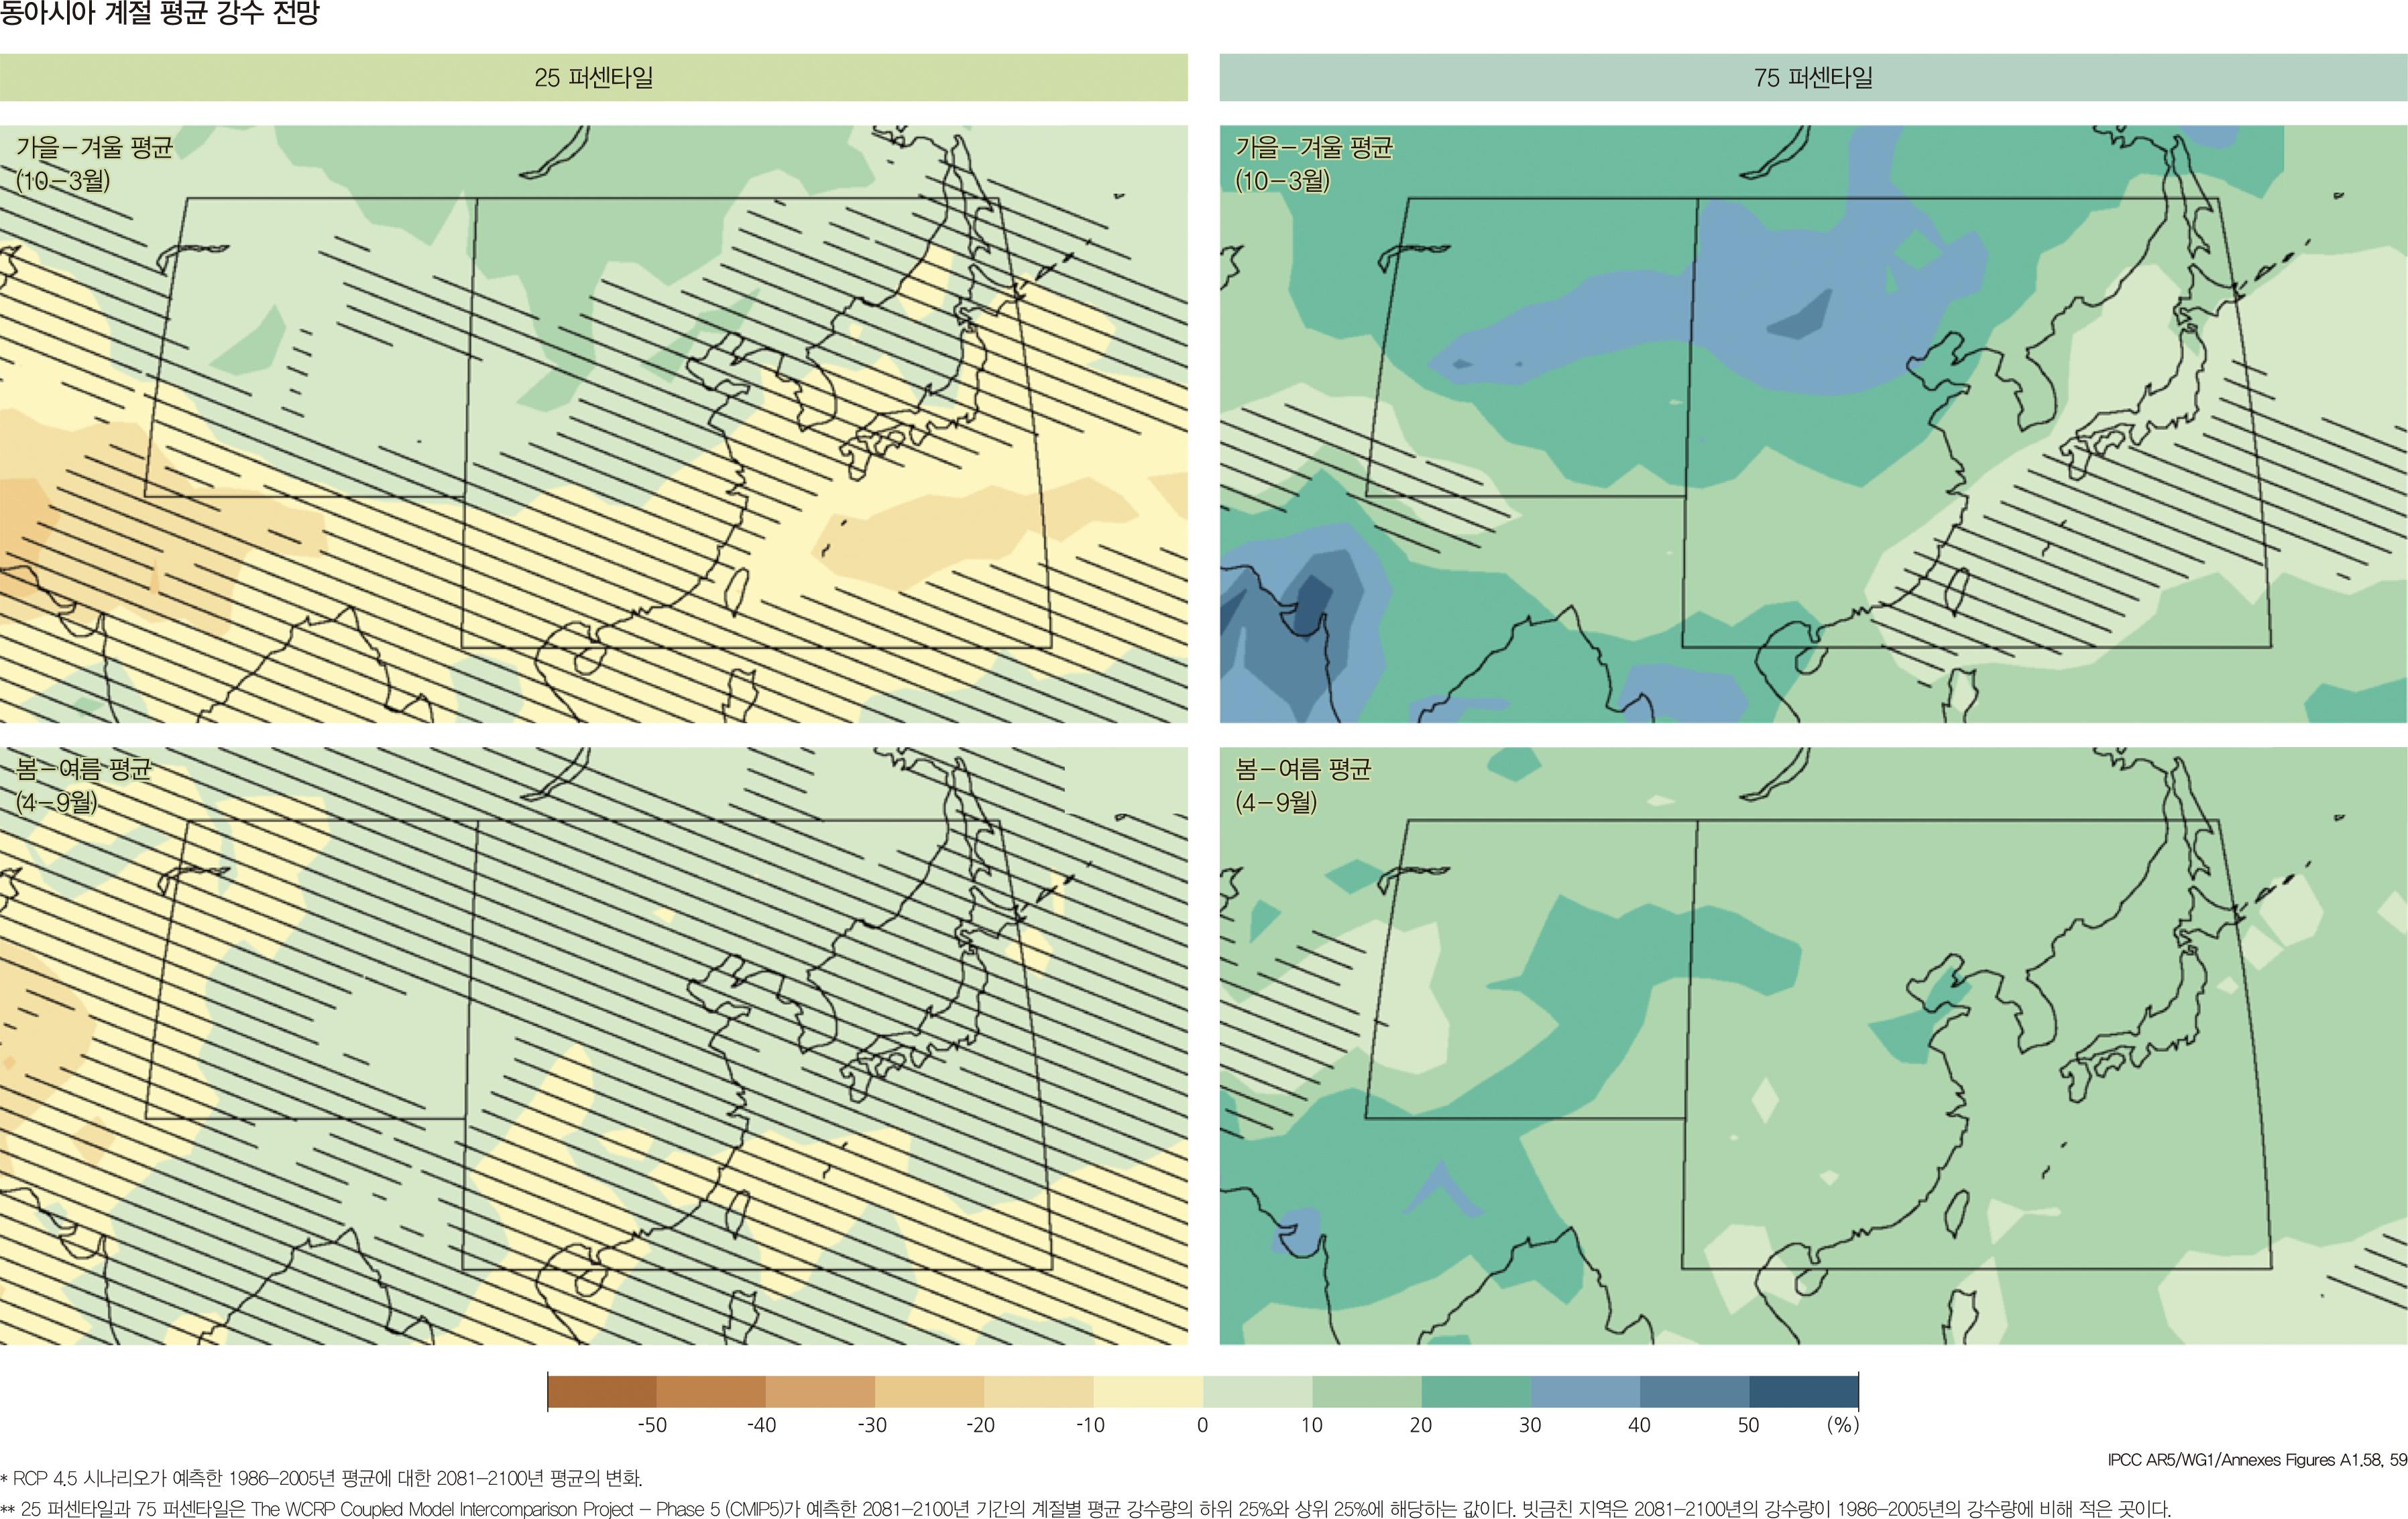 동아시아 계절 평균 강수 전망